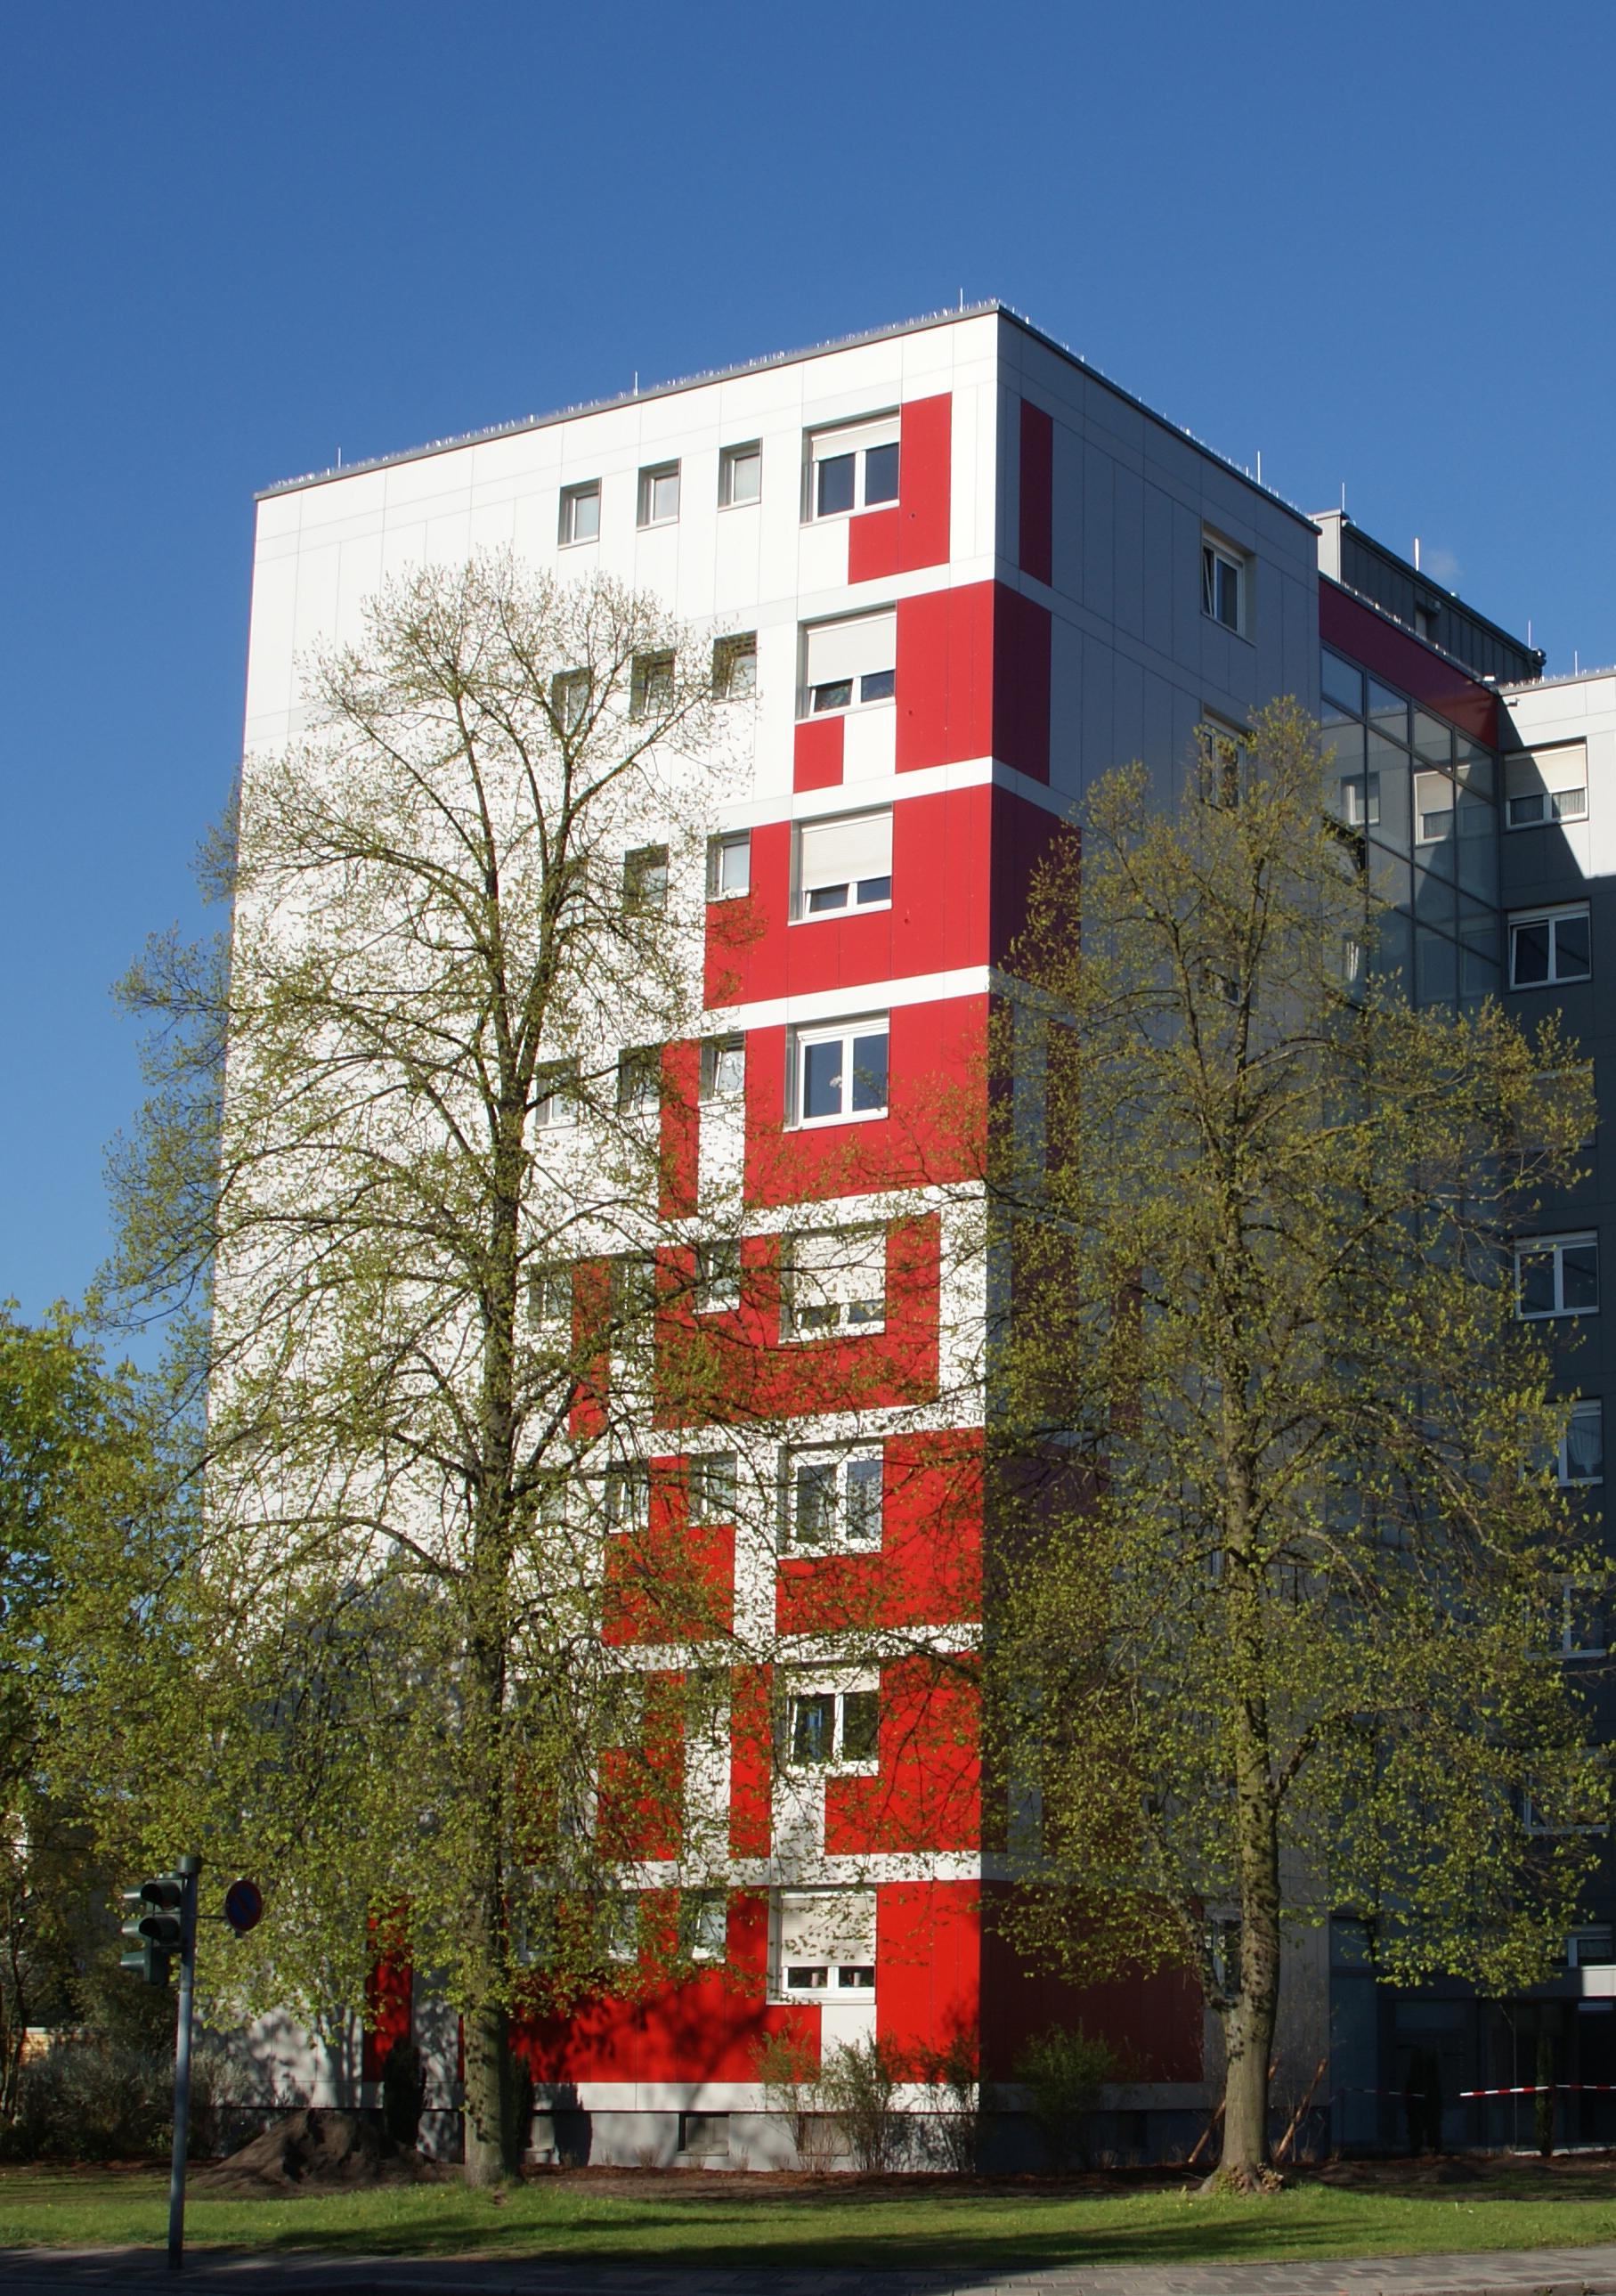 Hardstraße